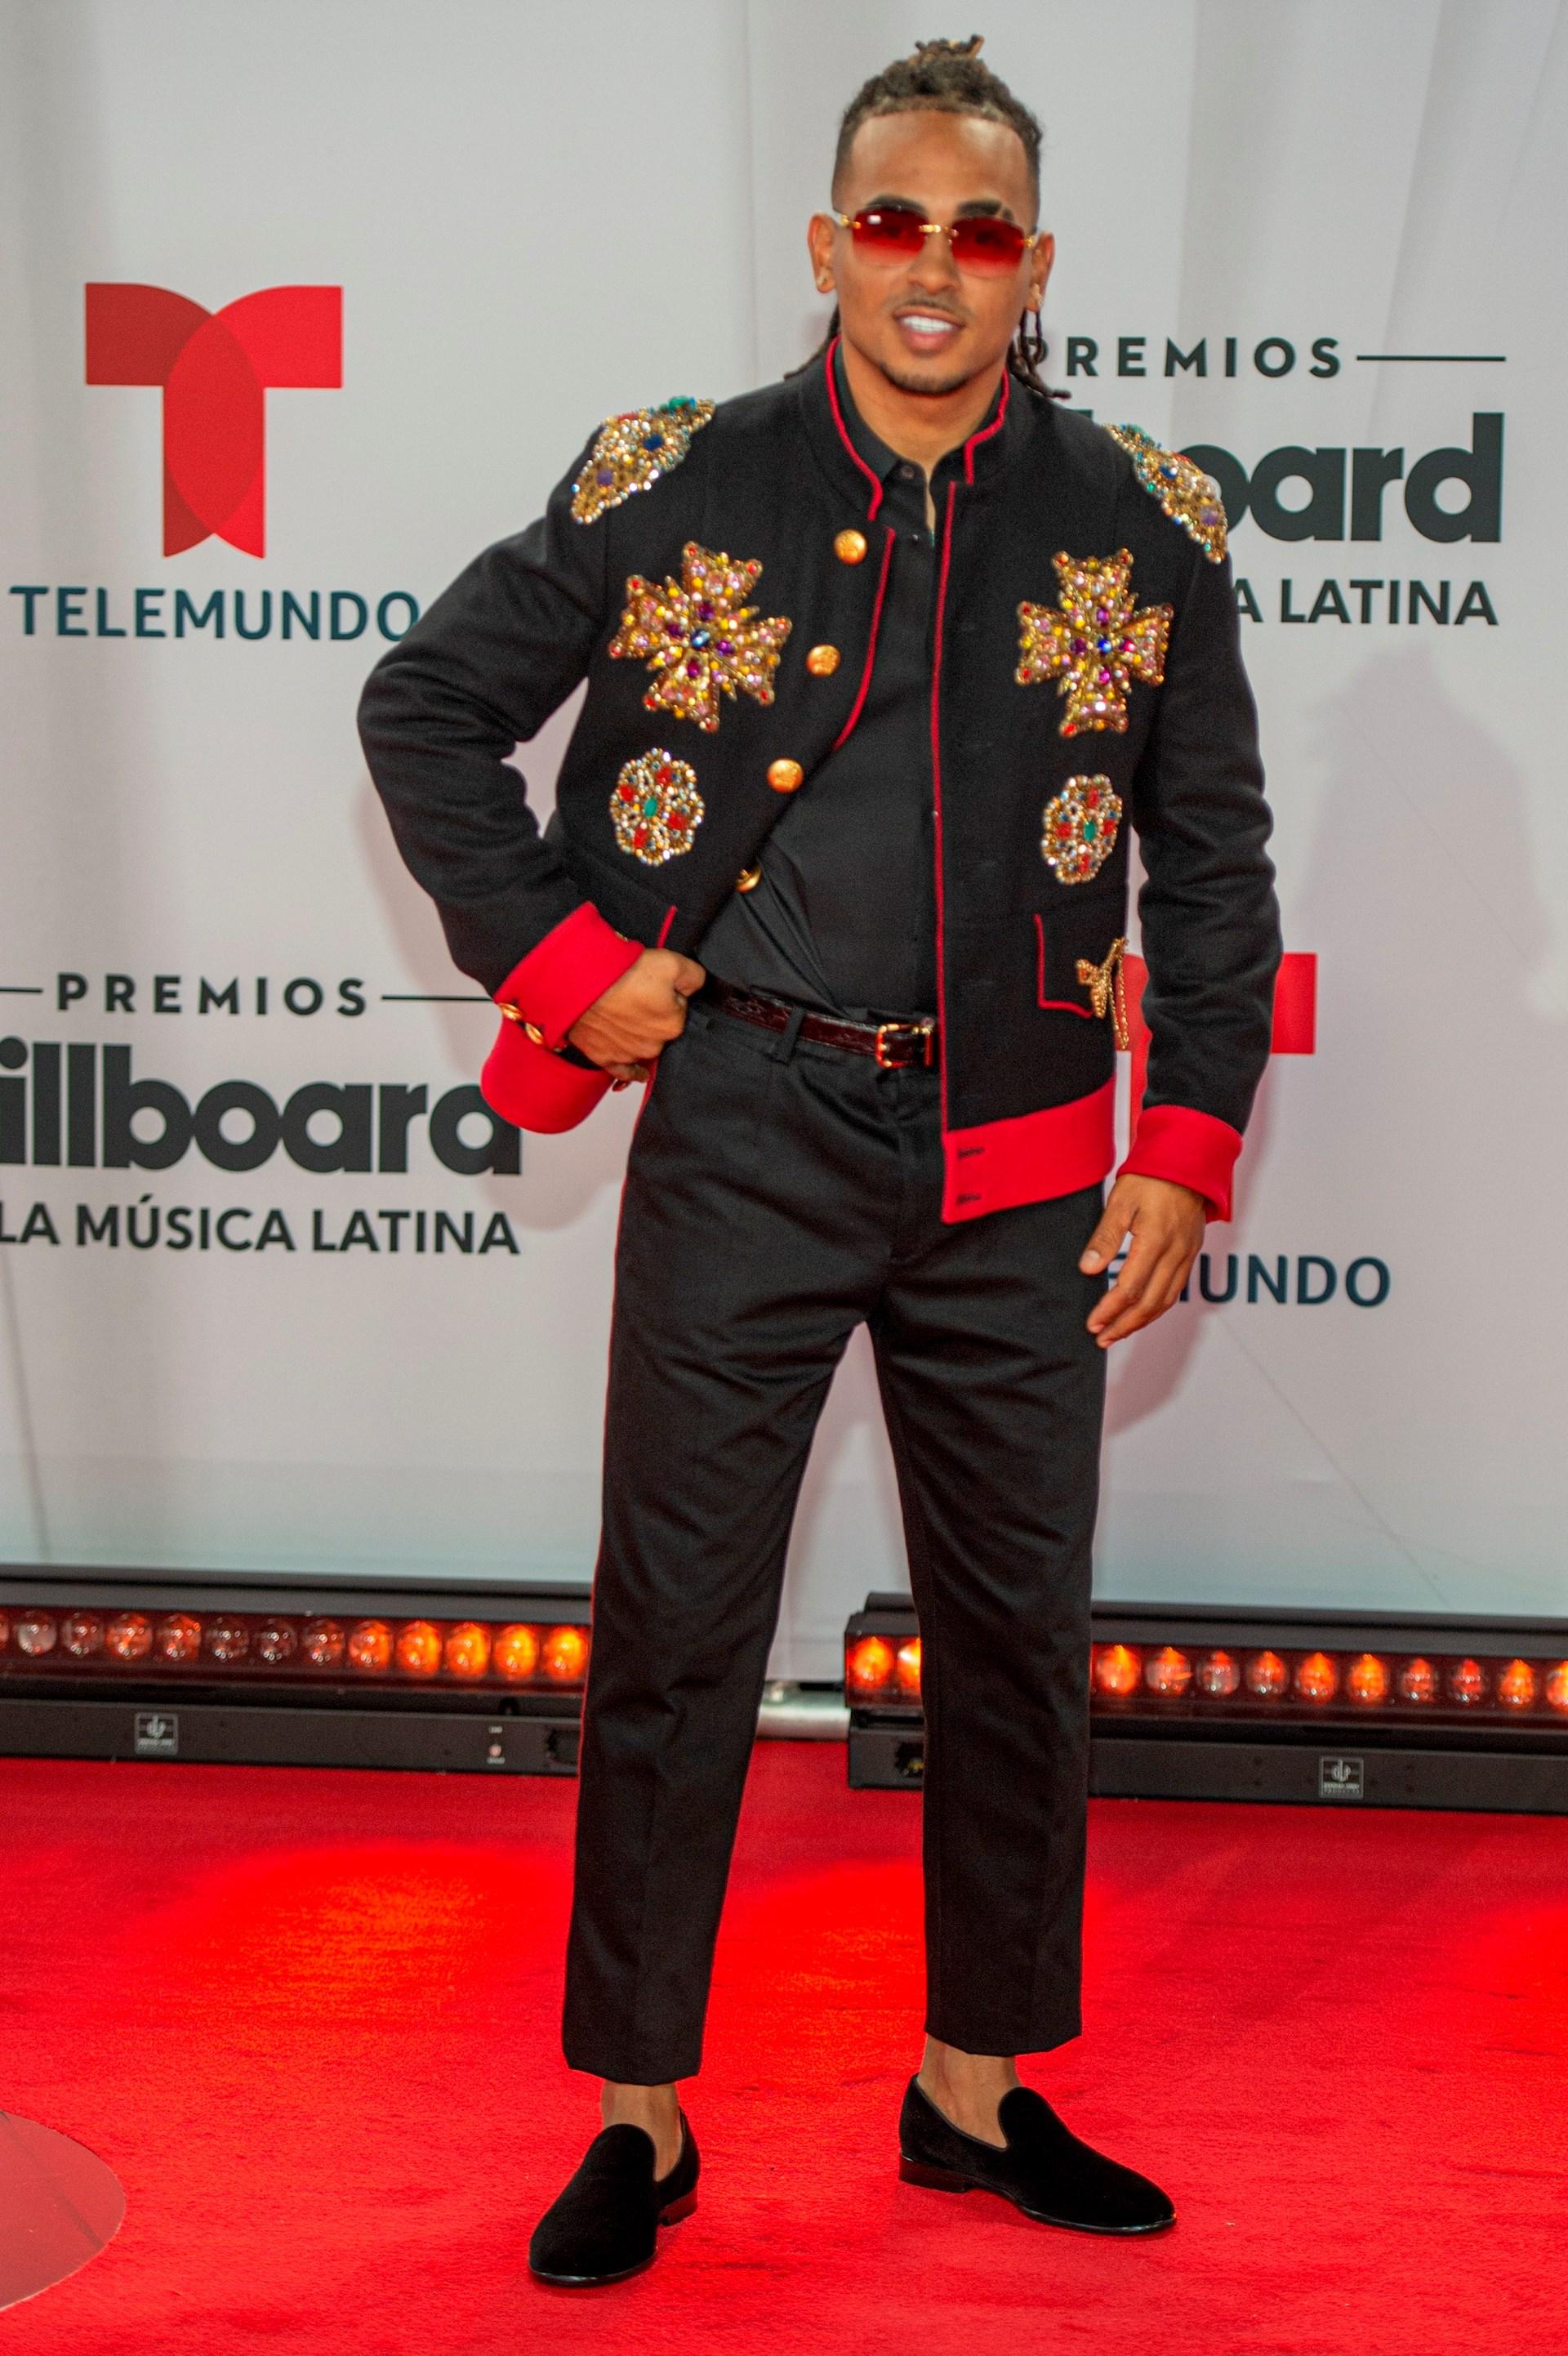 El cantante puertorriqueño Ozuna (Foto: EFE/Giorgio Viera)